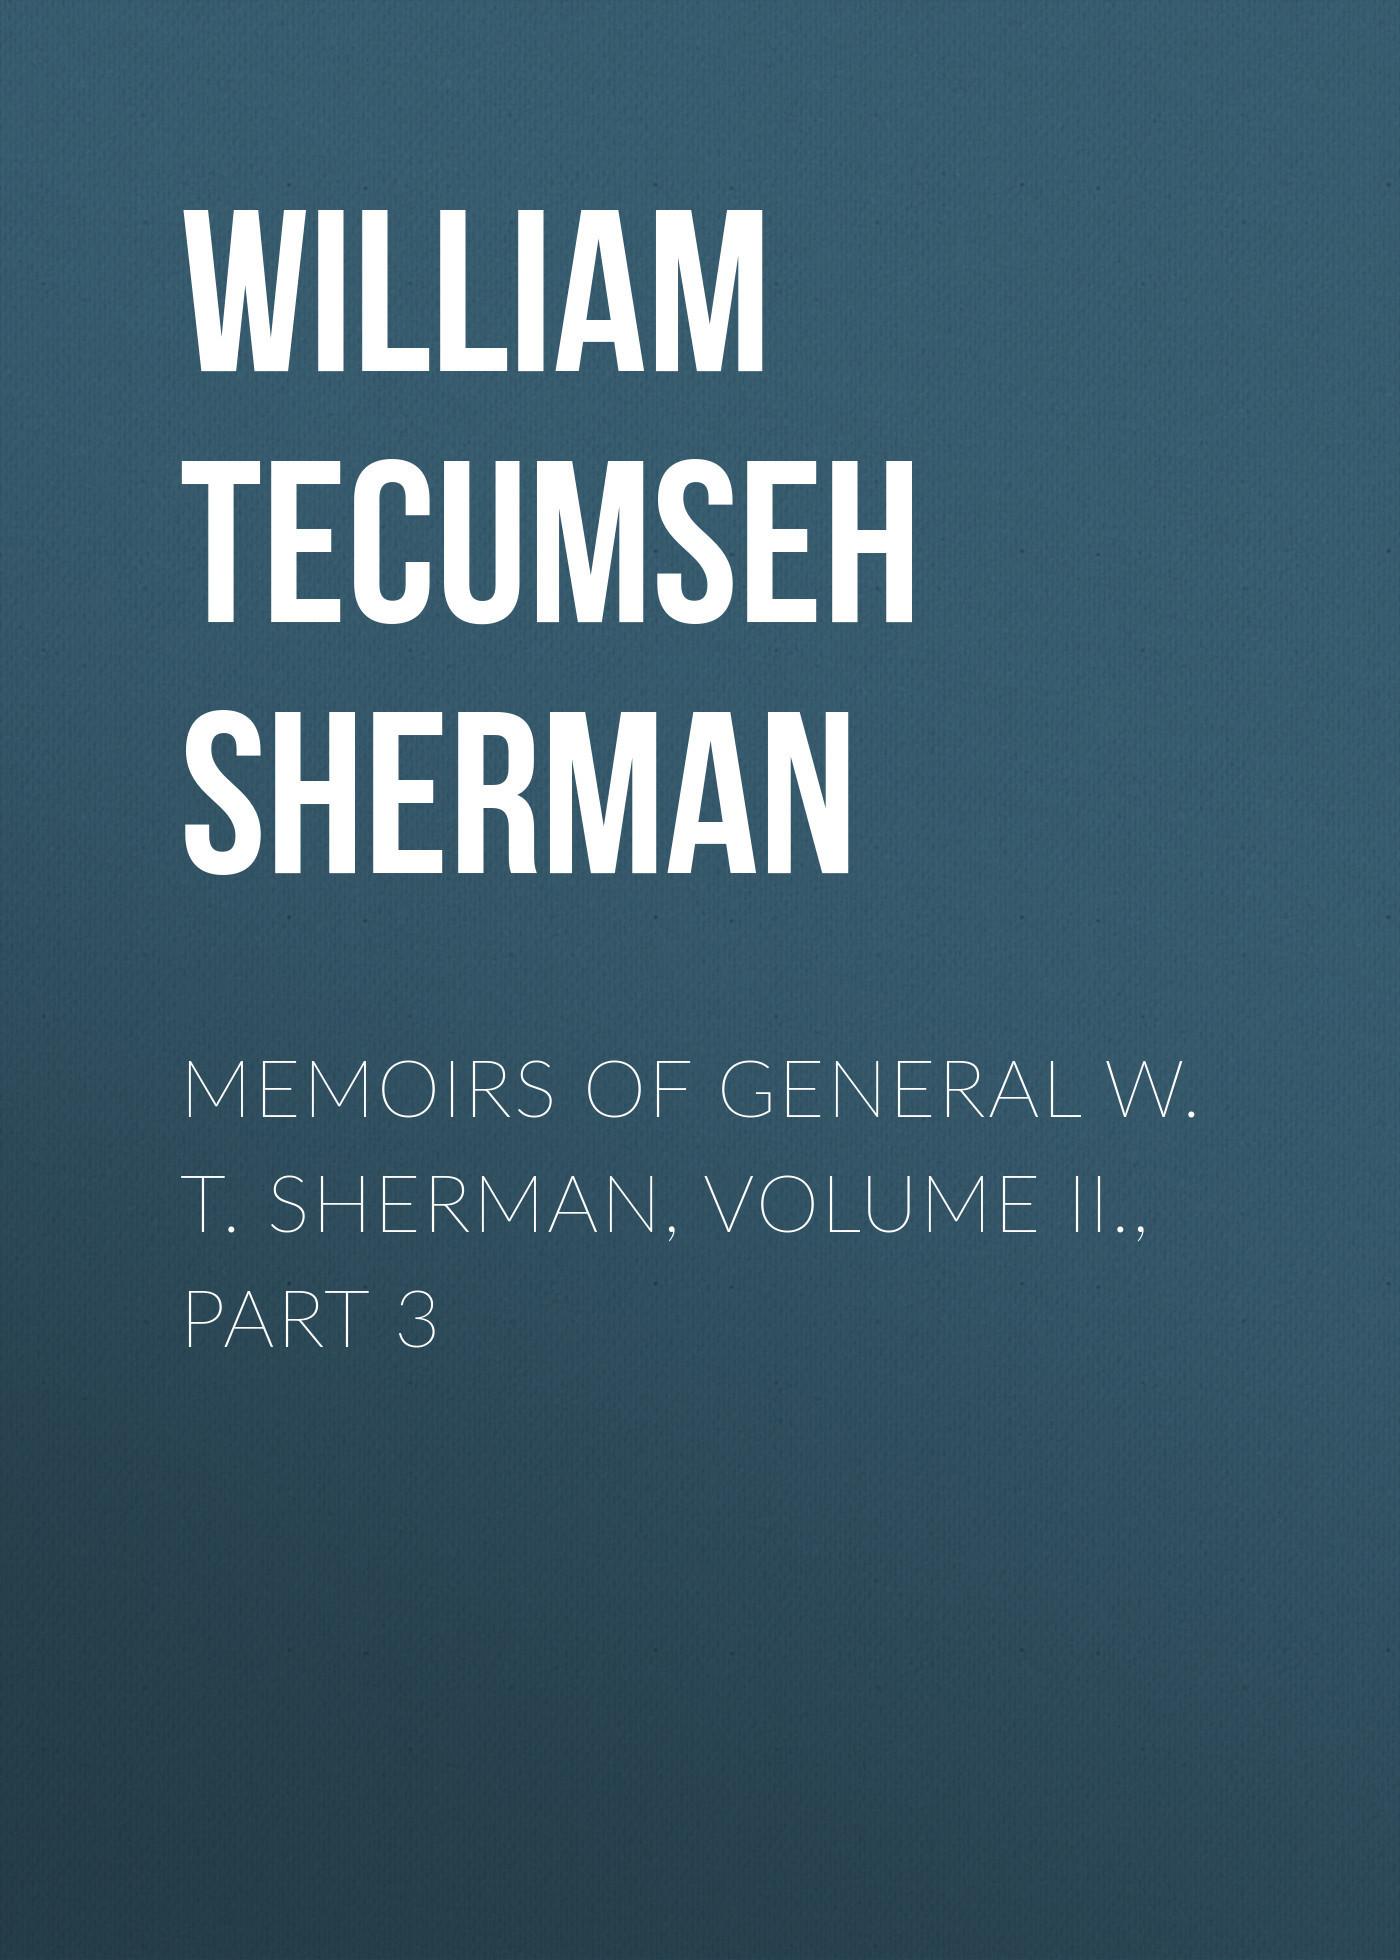 William Tecumseh Sherman Memoirs of General W. T. Sherman, Volume II., Part 3 sherman